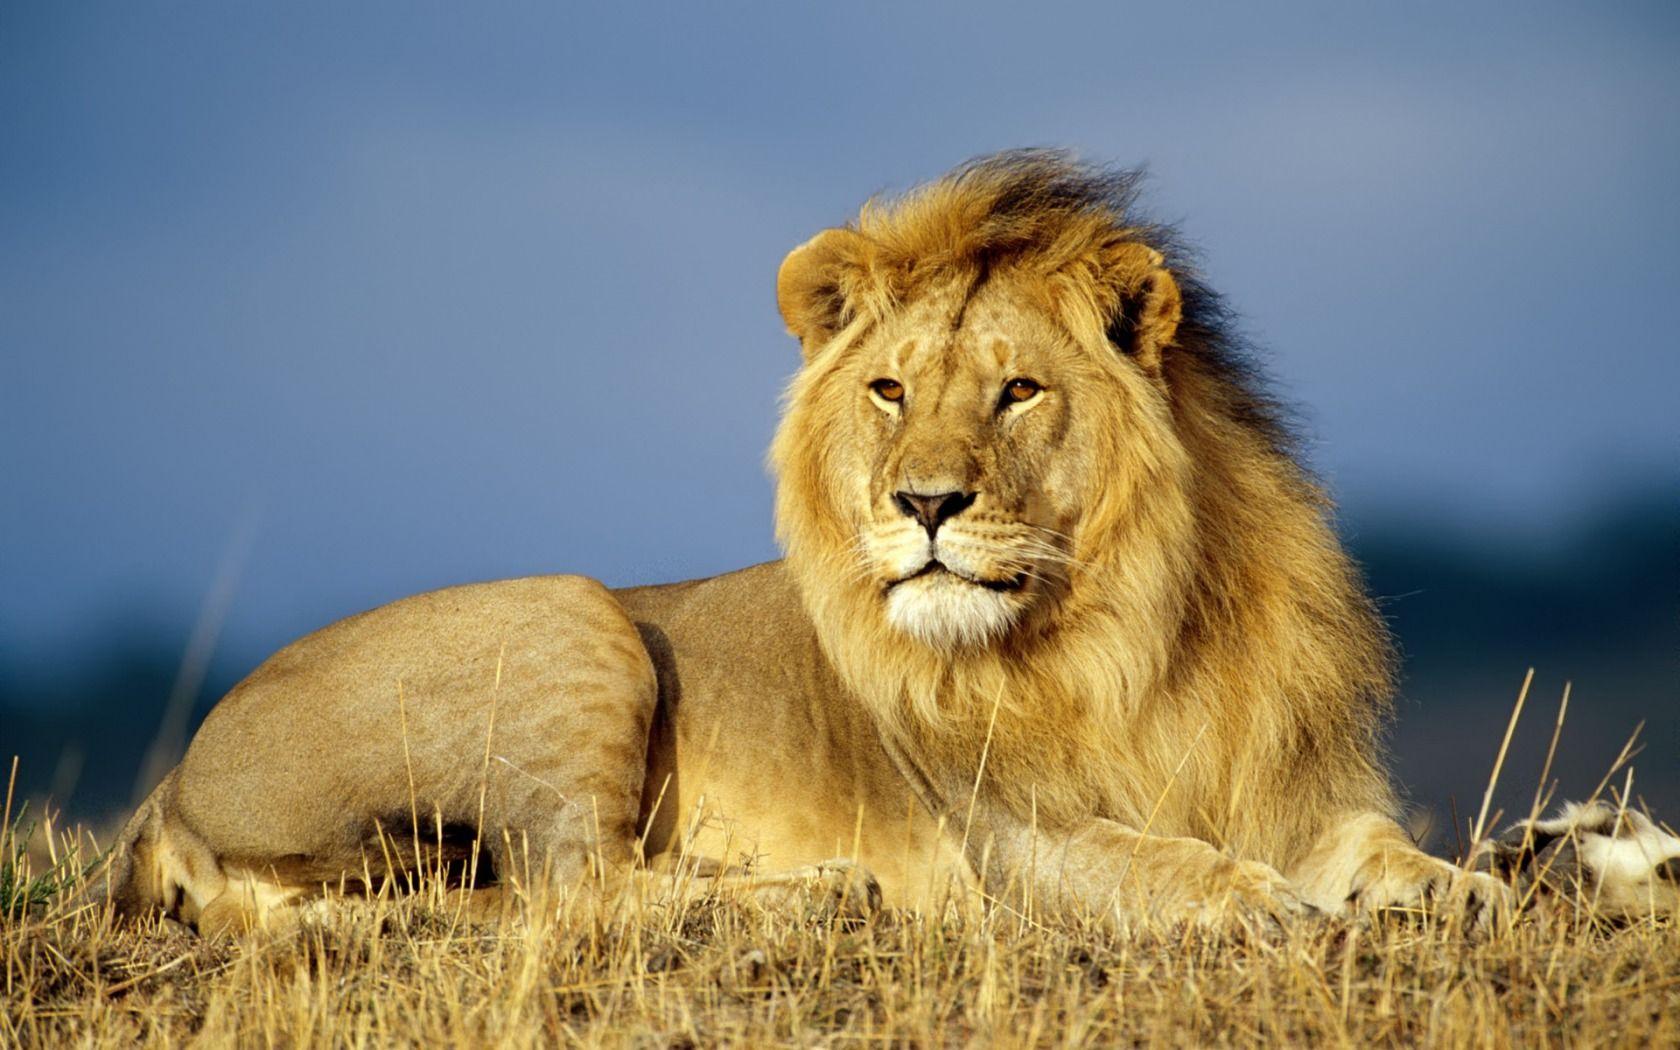 Leone il mistero del leone nero animals imgwhoop for Immagini alta definizione per desktop